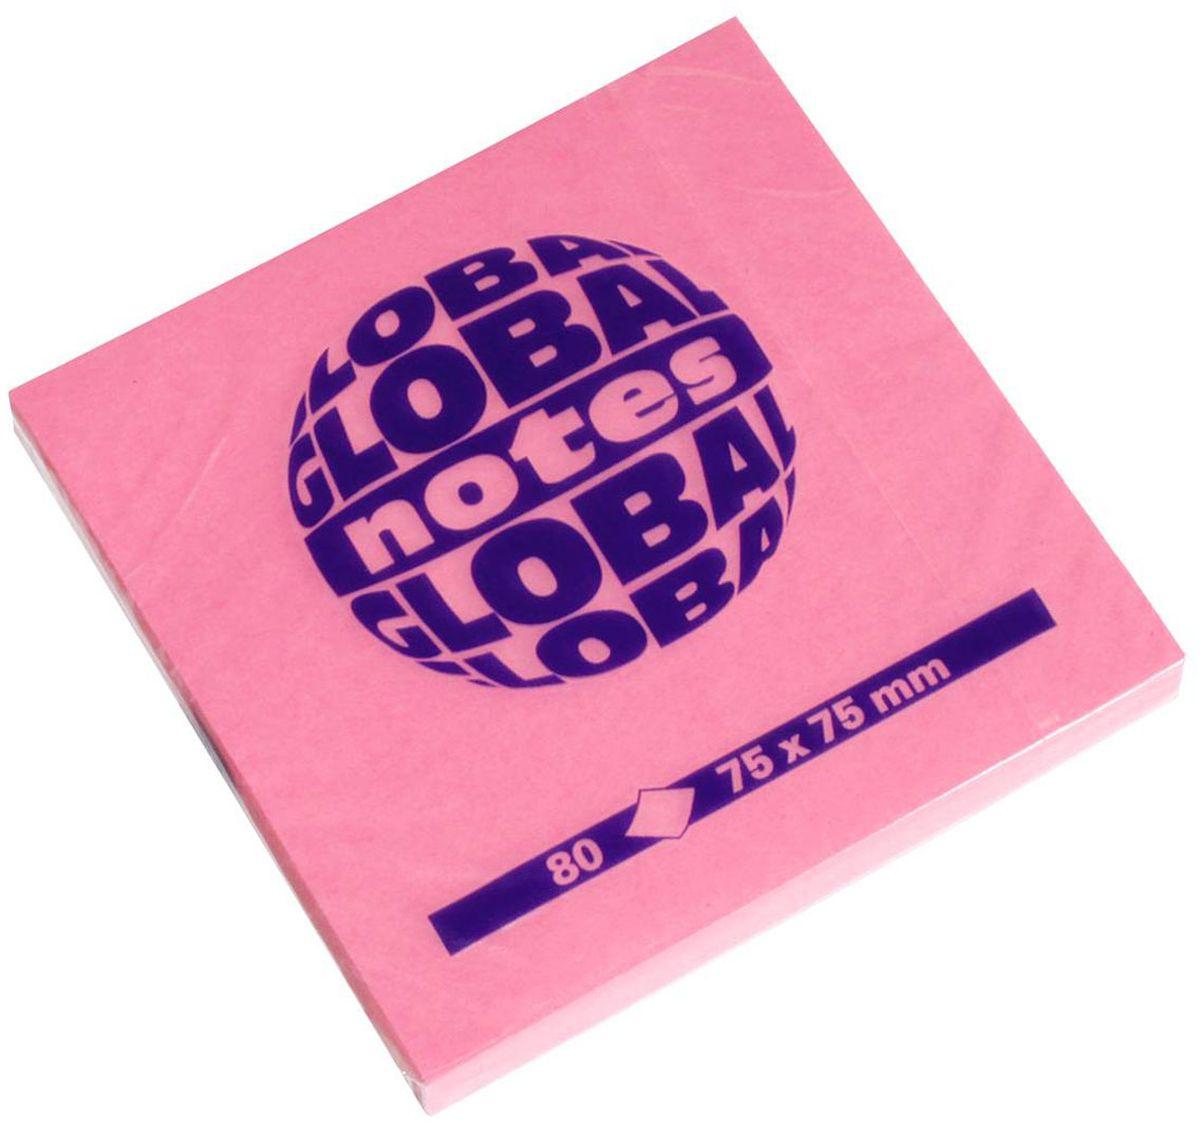 Global Notes Бумага для заметок с липким слоем цвет розовый 7,5 х 7,5 см 80 листов0703415Бумага для заметок с липким краем Global Notes - это удобное и практичное решение для быстрой записи информации дома или на работе.Качественная клеевая полоса рассчитана на крепление к любой поверхности, позволяет приклеивать и отклеивать листок неограниченное количество раз, не оставляя следов. Блок состоит из 80 листов бумаги ярко-розового цвета.Размер блока - 75 х 75 мм.Плотность бумаги 70г/м2.